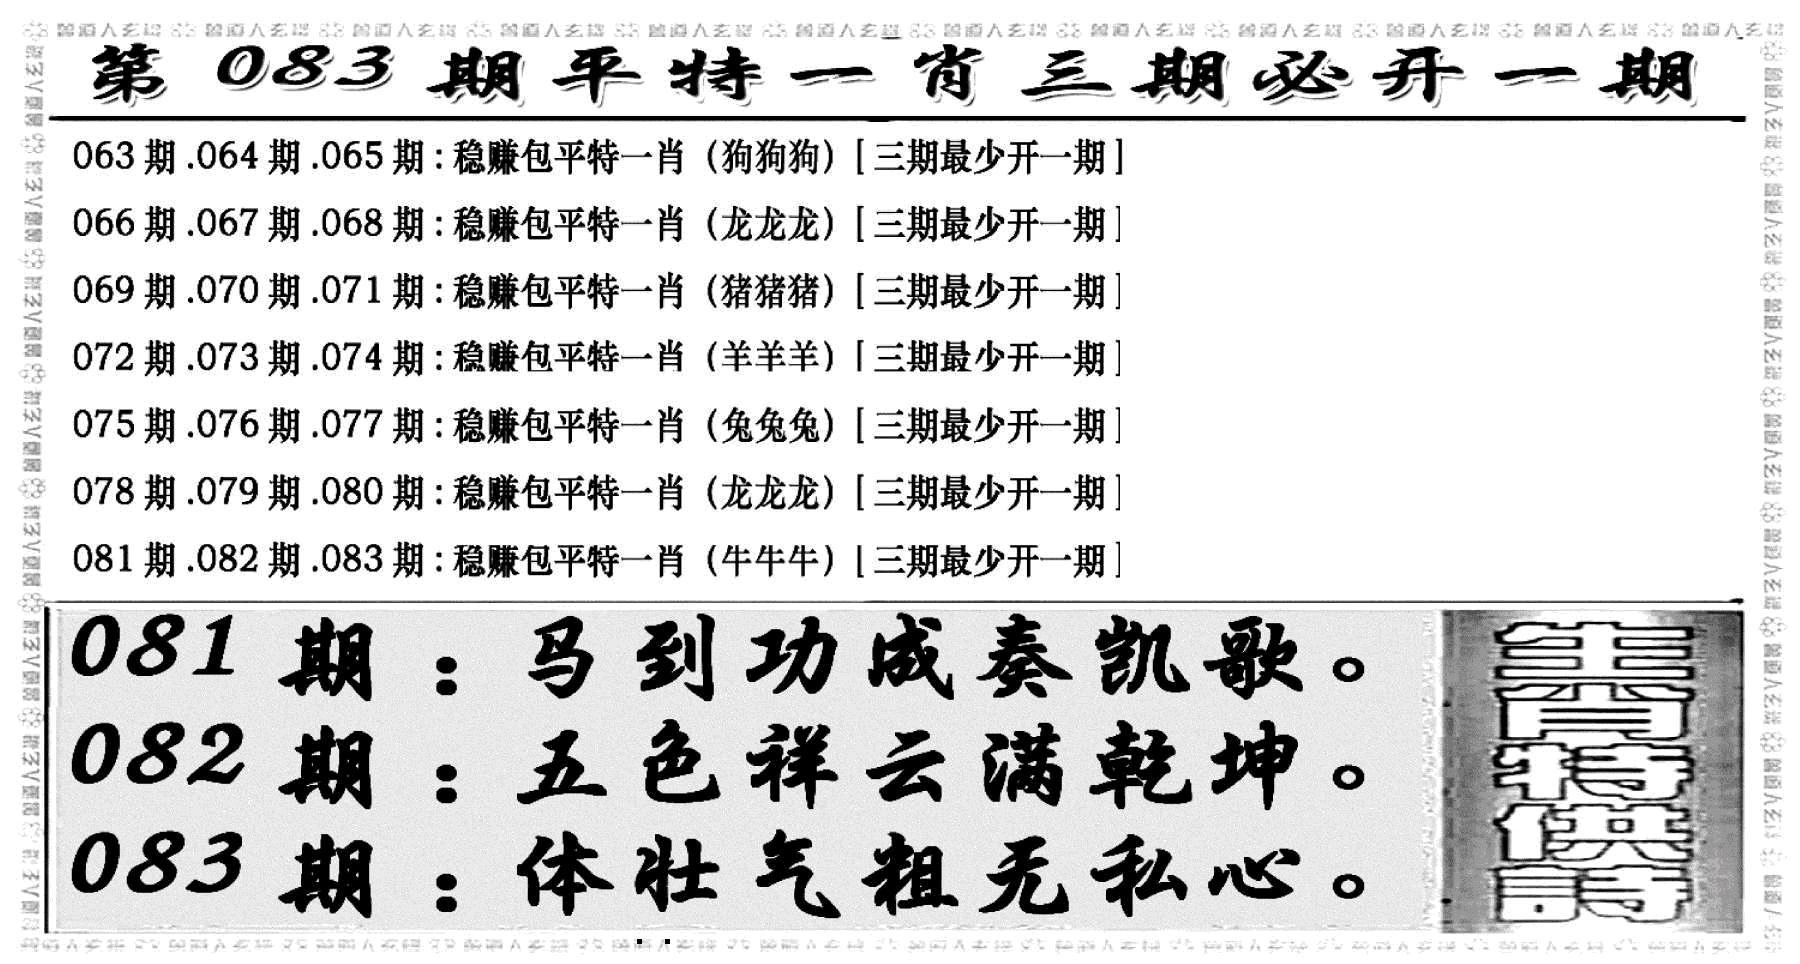 083期玄机特码(黑白)